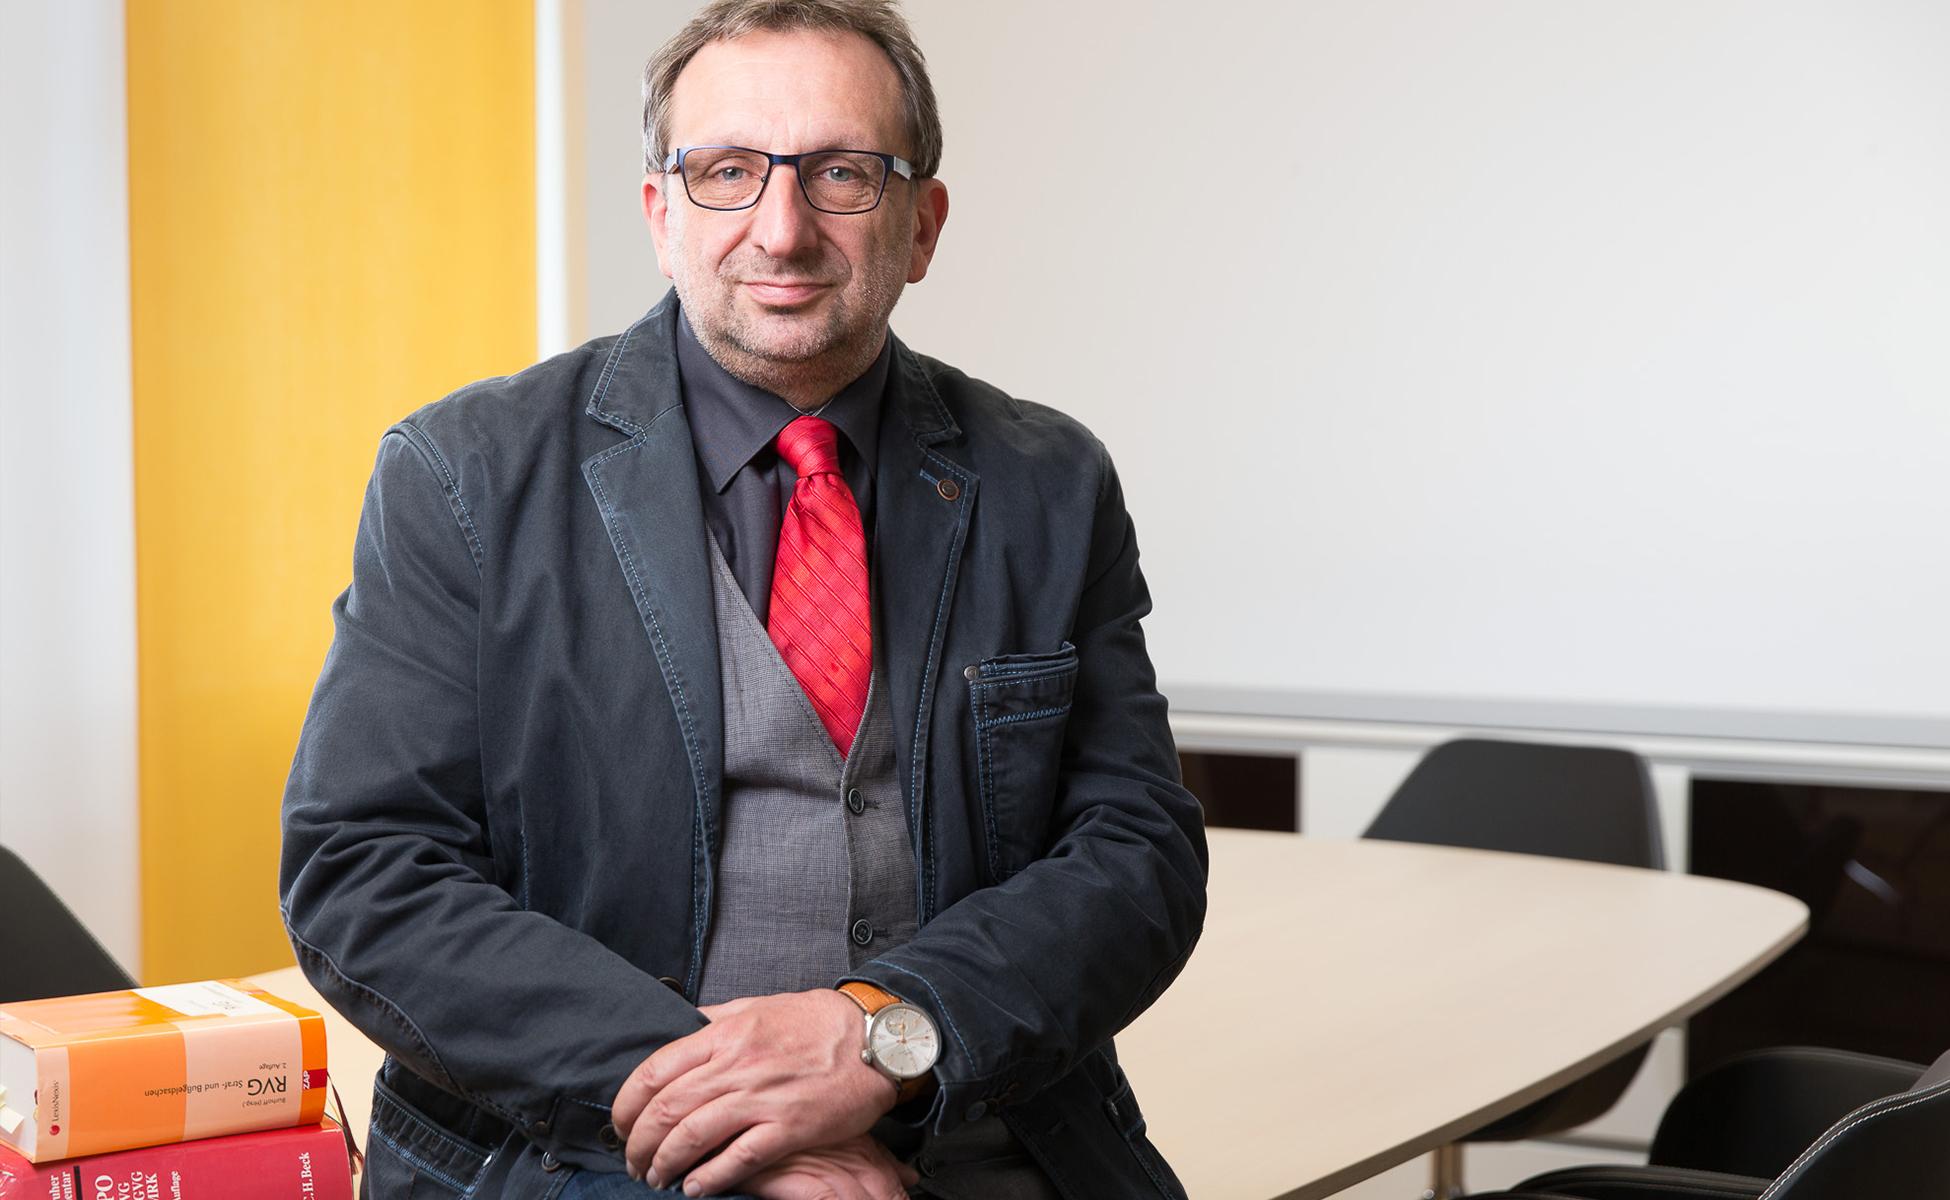 Rechtsanwalt für Strafrecht Uwe Rung Süddeutschland